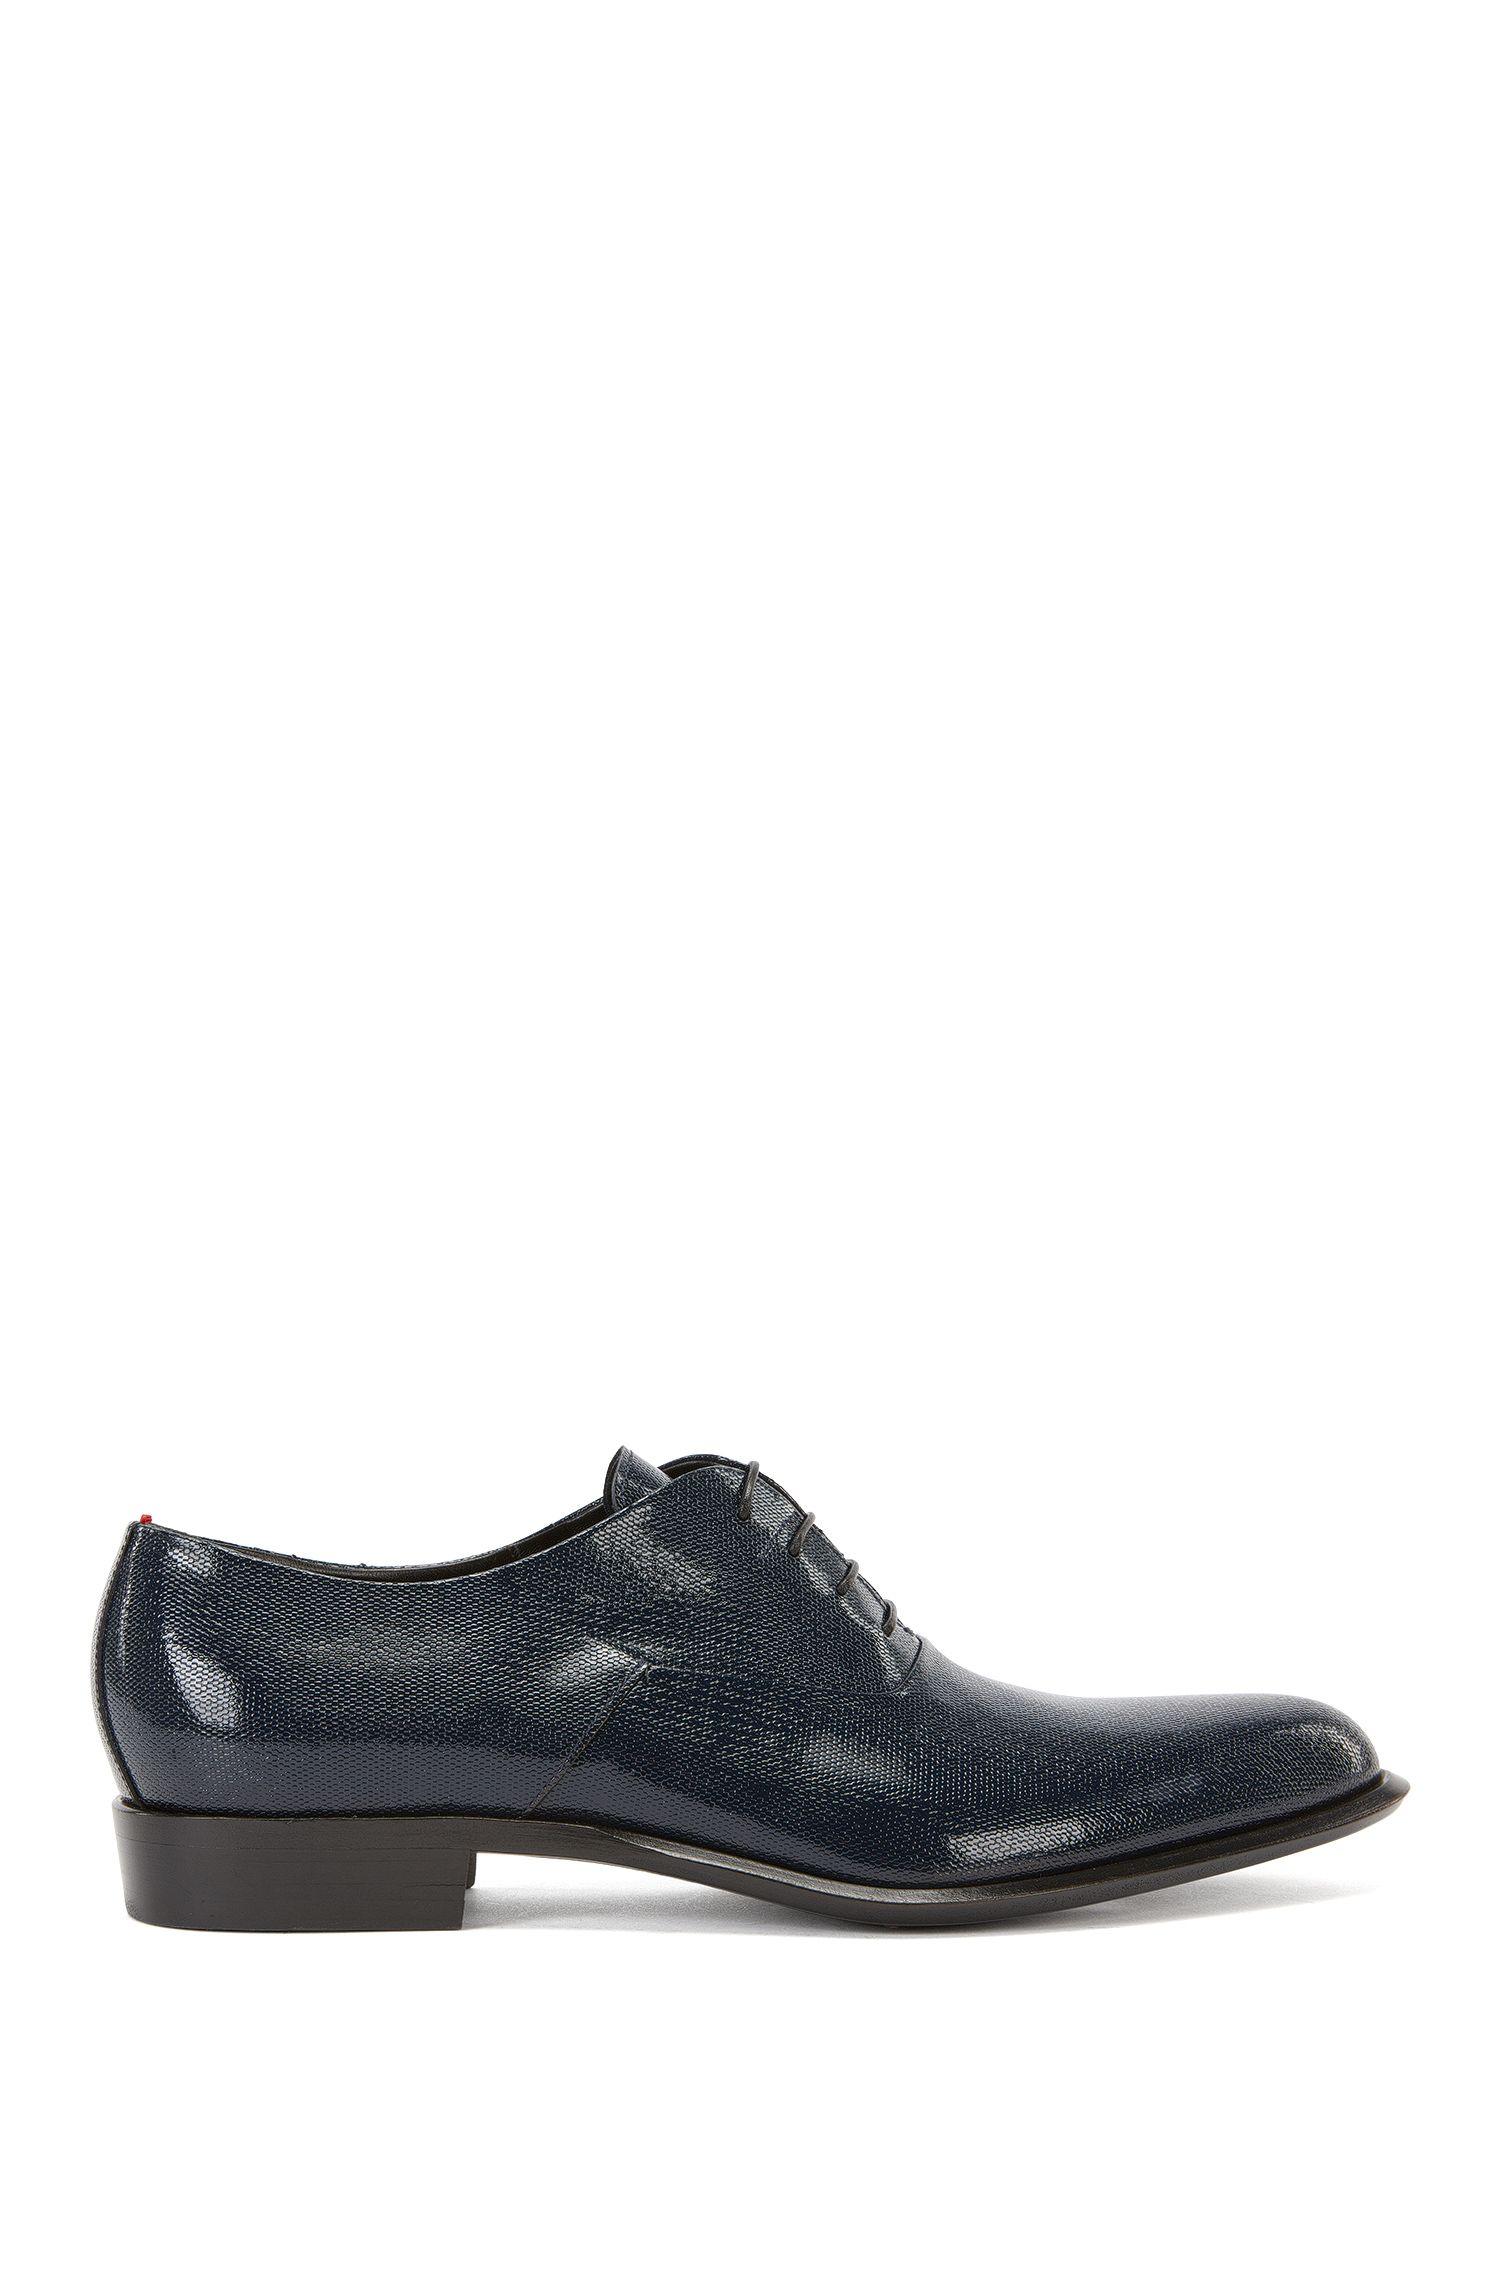 Chaussures Oxford à lacets, en cuir imprimé